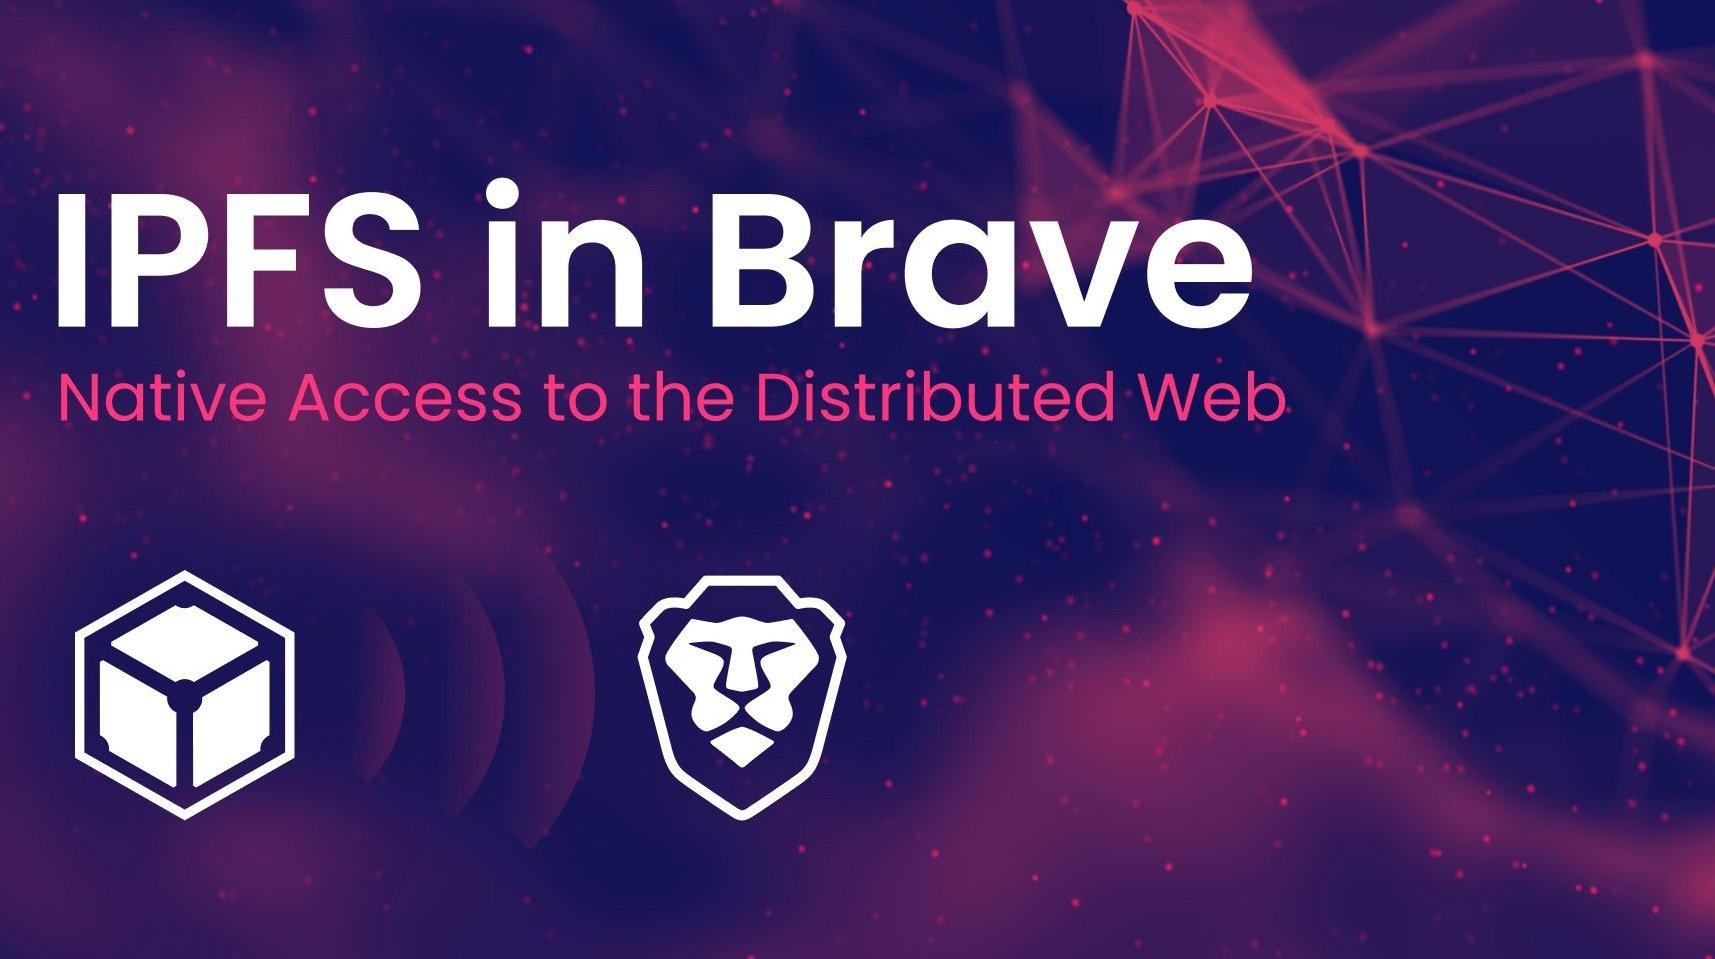 مرورگر Brave با یک پروتکل جدید دسترسی به وب غیرمتمرکز را ممکن کرد